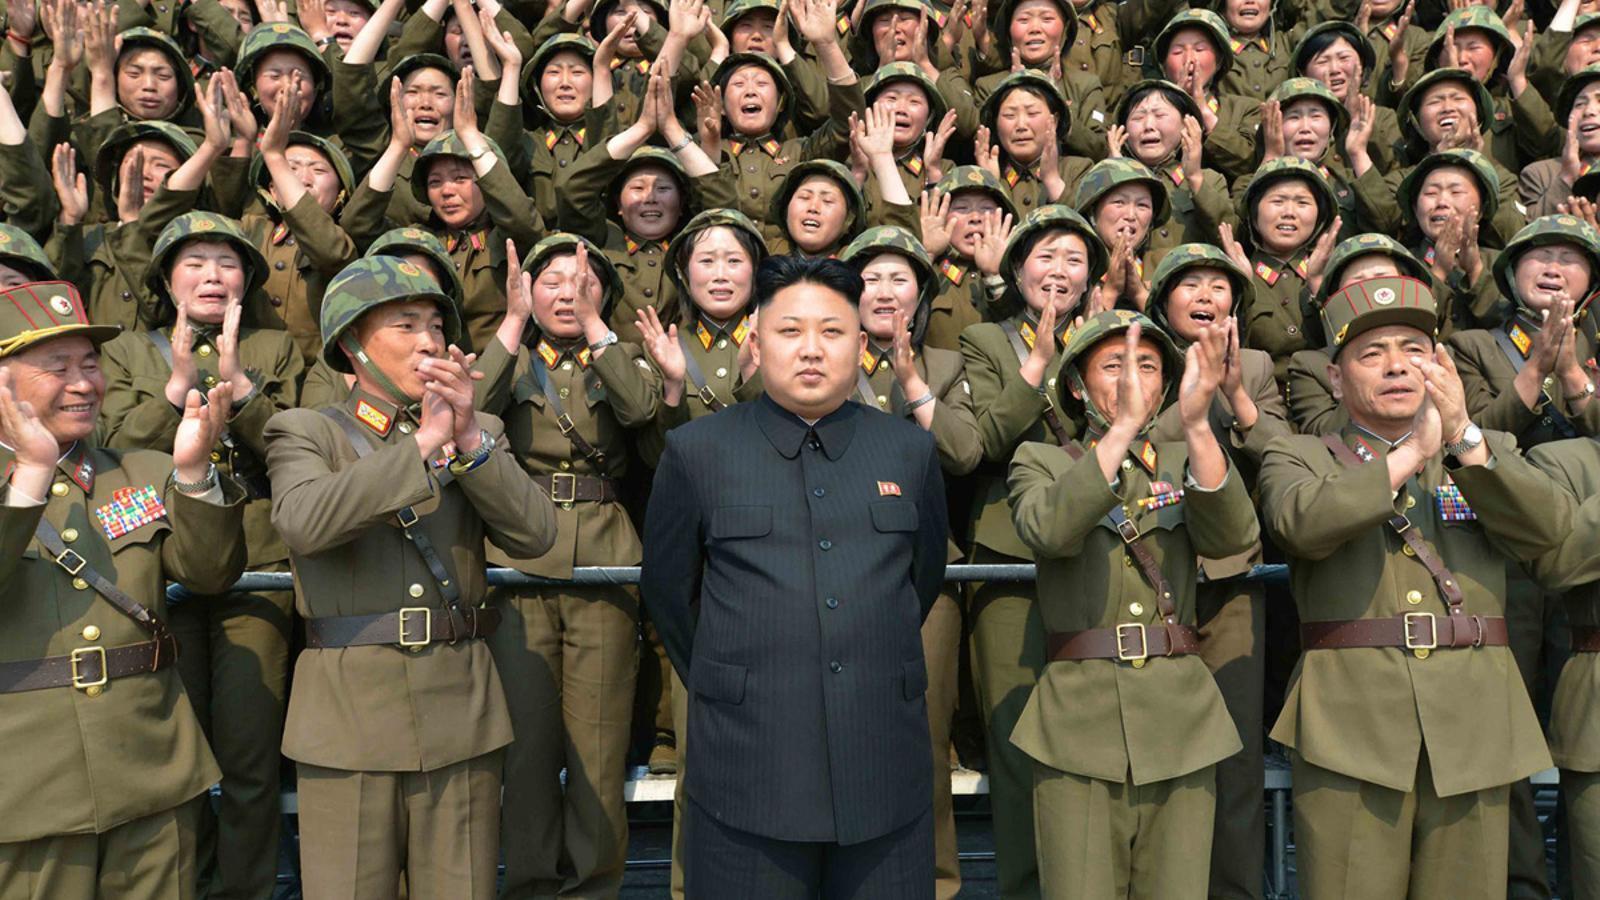 Aquesta foto sense data difosa per l'Agència de Notícies Oficial de Corea del Nord (KCNA) el 24 abril 2014 mostra el líder nord-coreà Kim Jong-Un posant amb dones soldats. KCNA